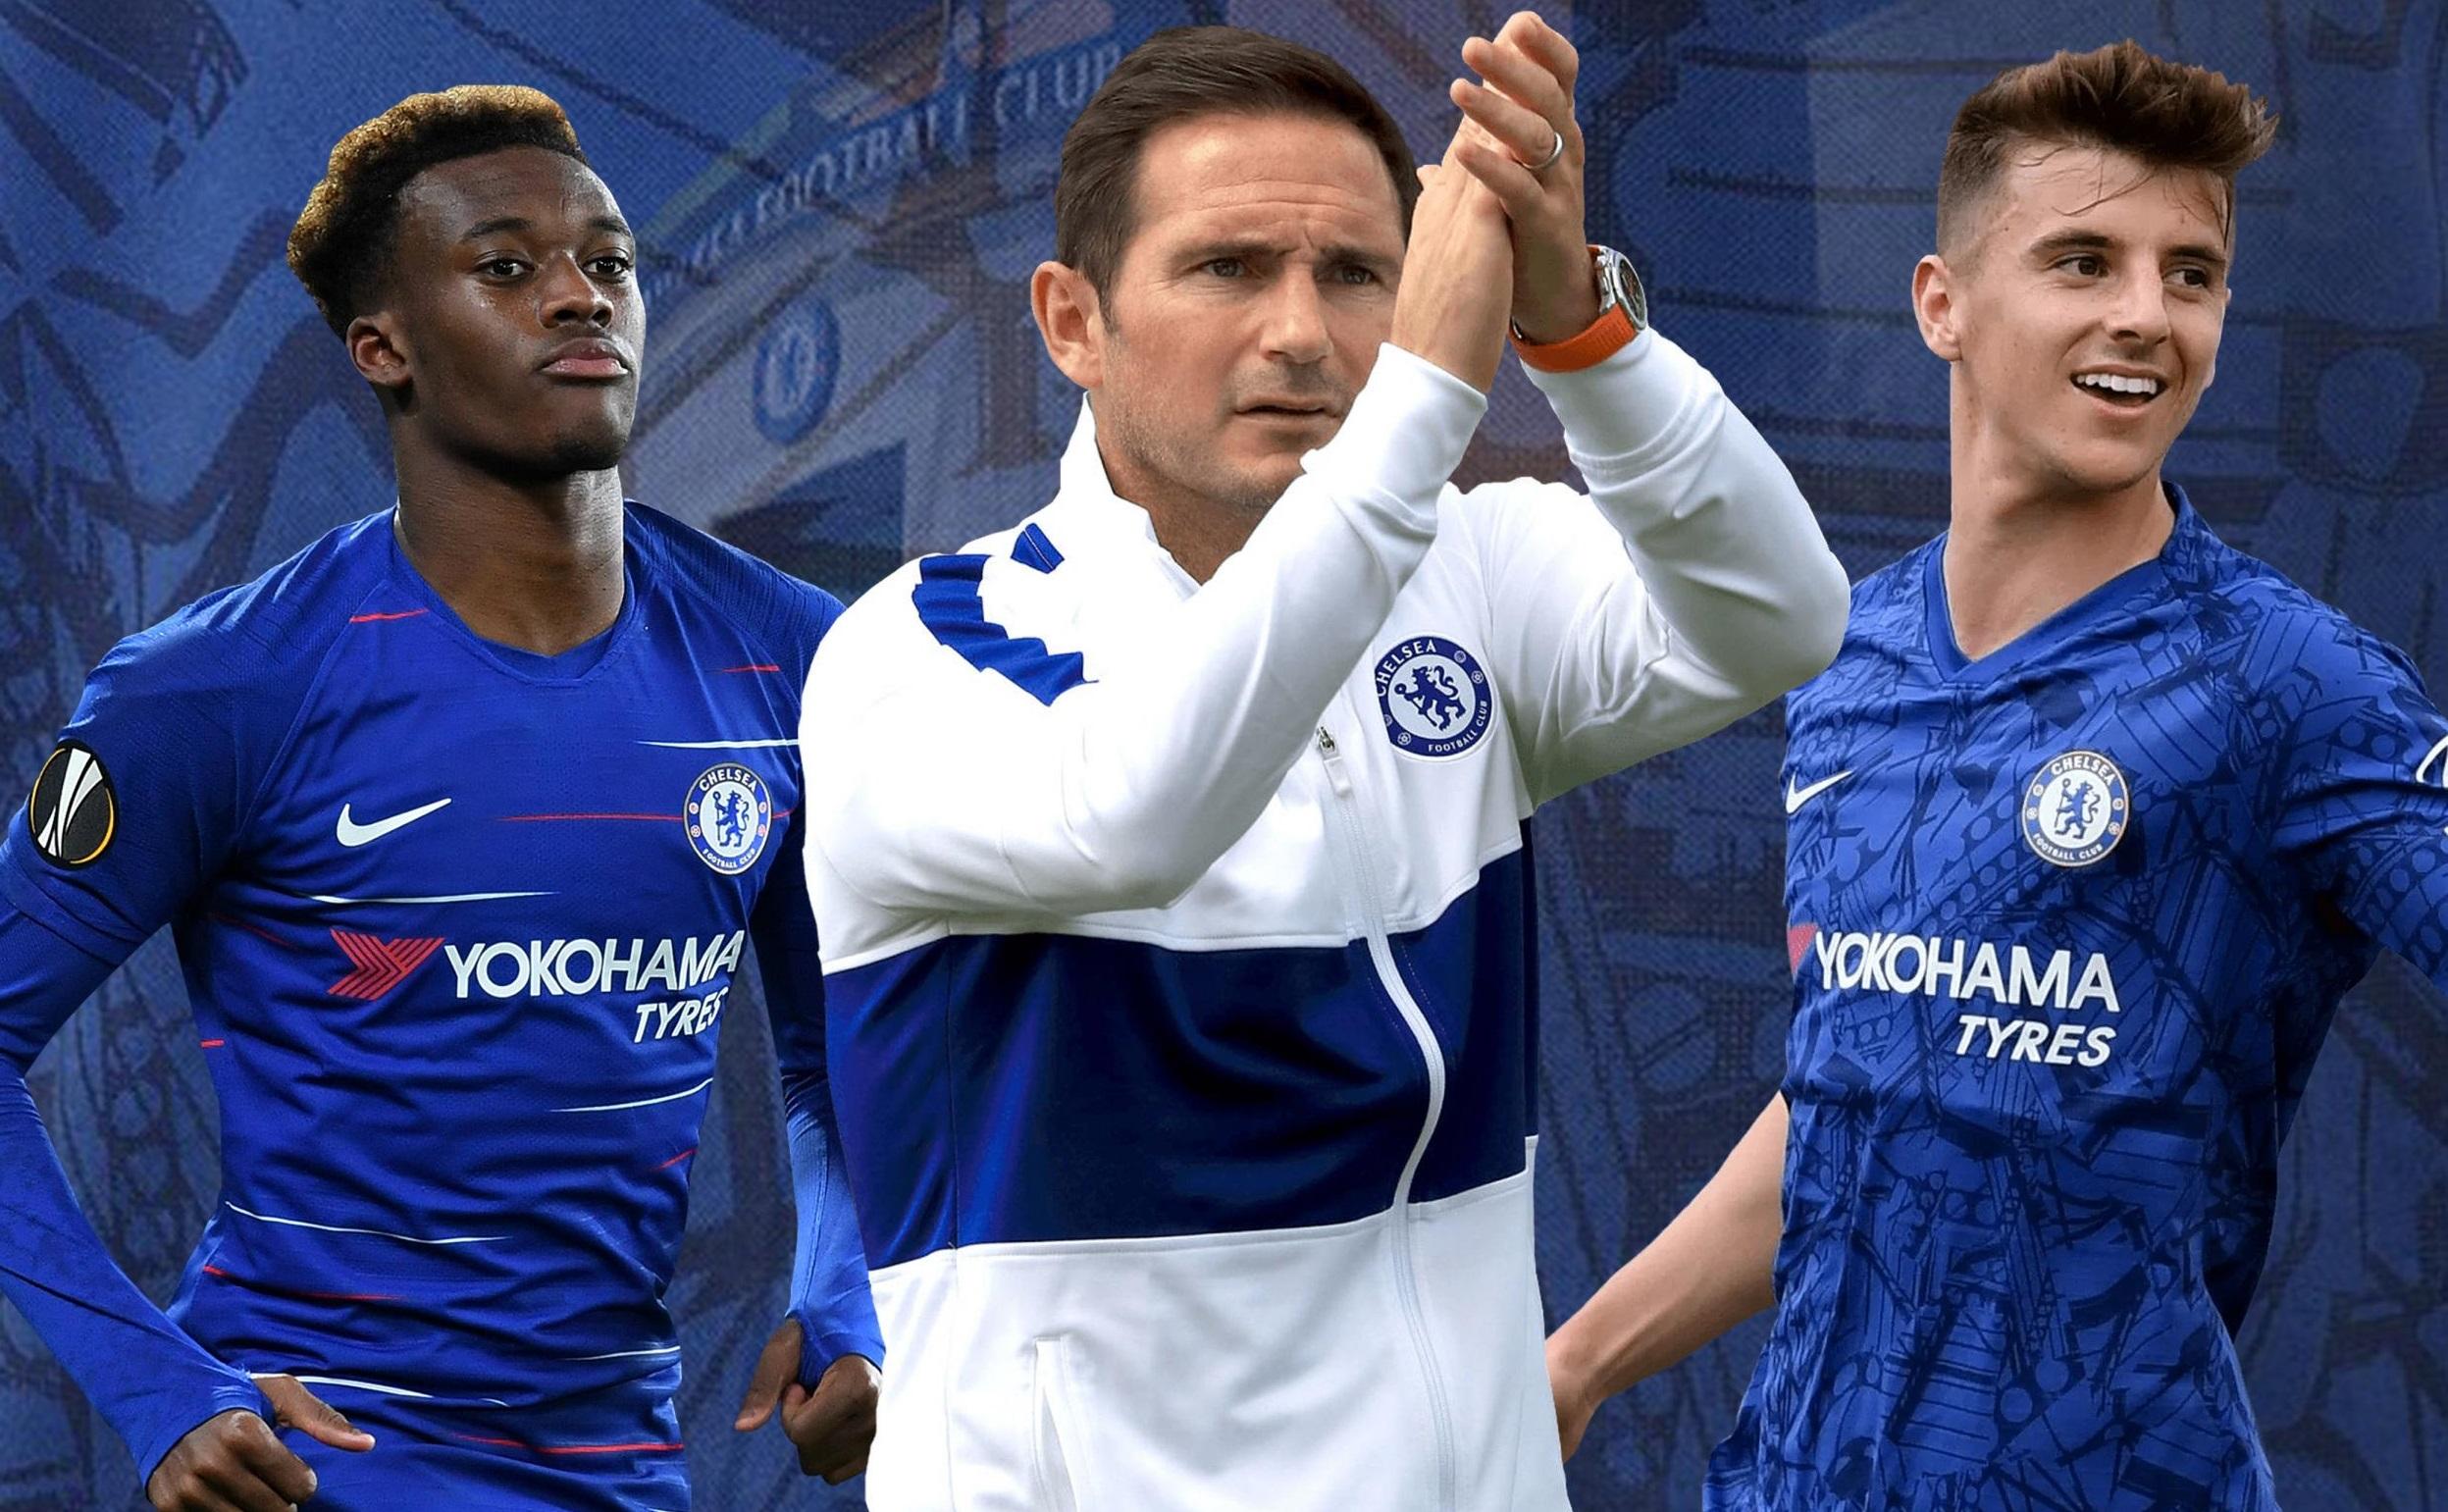 Nòng cốt của tuyển Anh đang là những cầu thủ trẻ của Chelsea